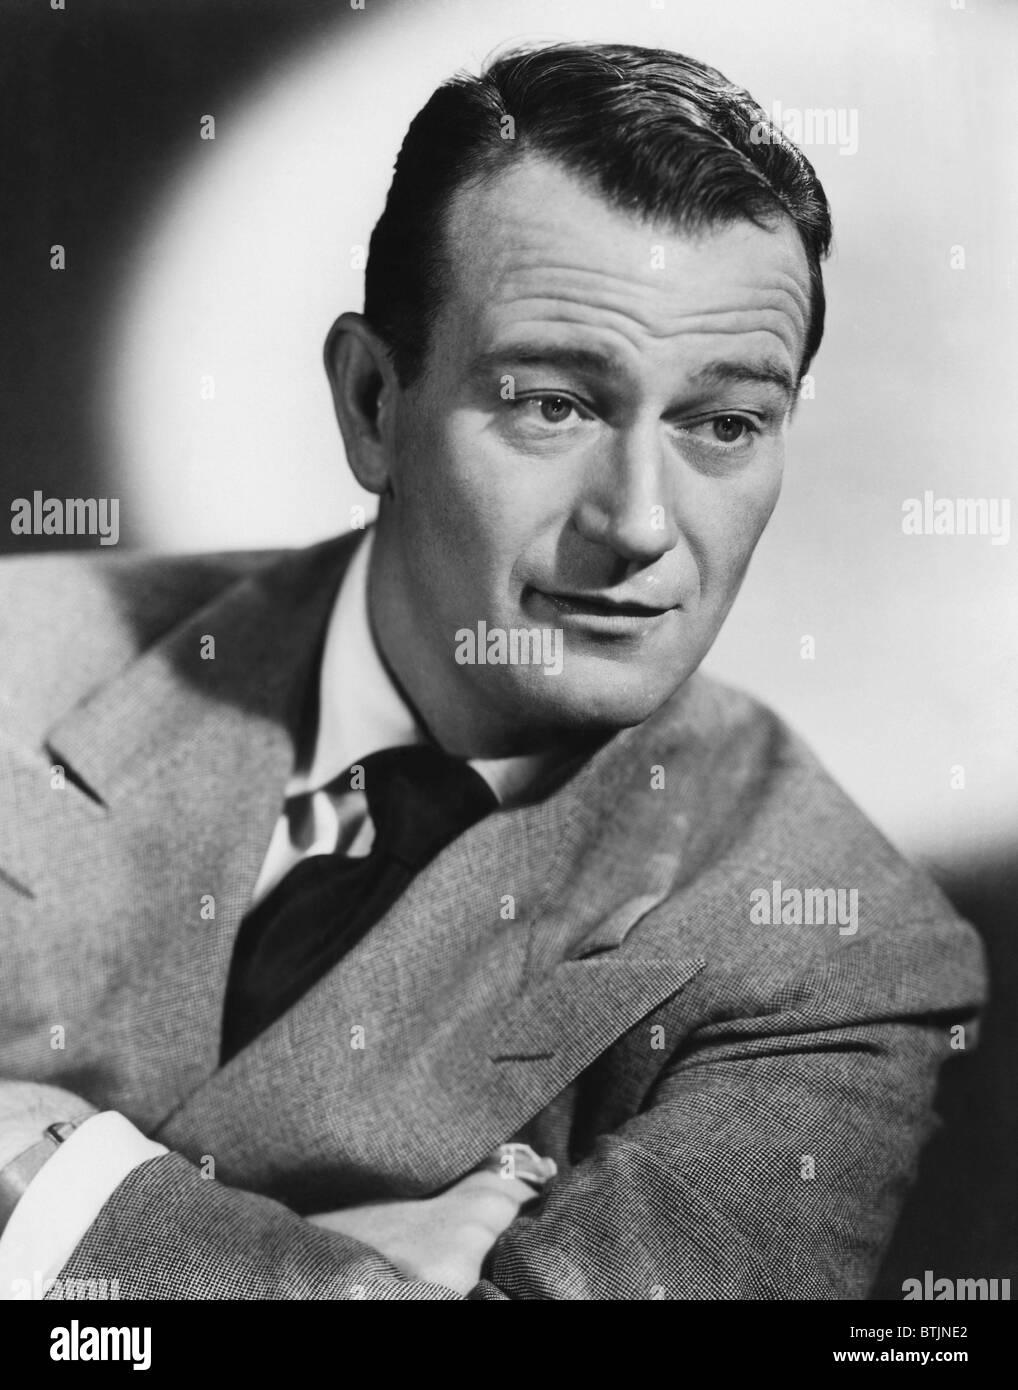 John Wayne (1907-1979), American actor, circa 1950. CSU Archives/Courtesy Everett Collection - Stock Image